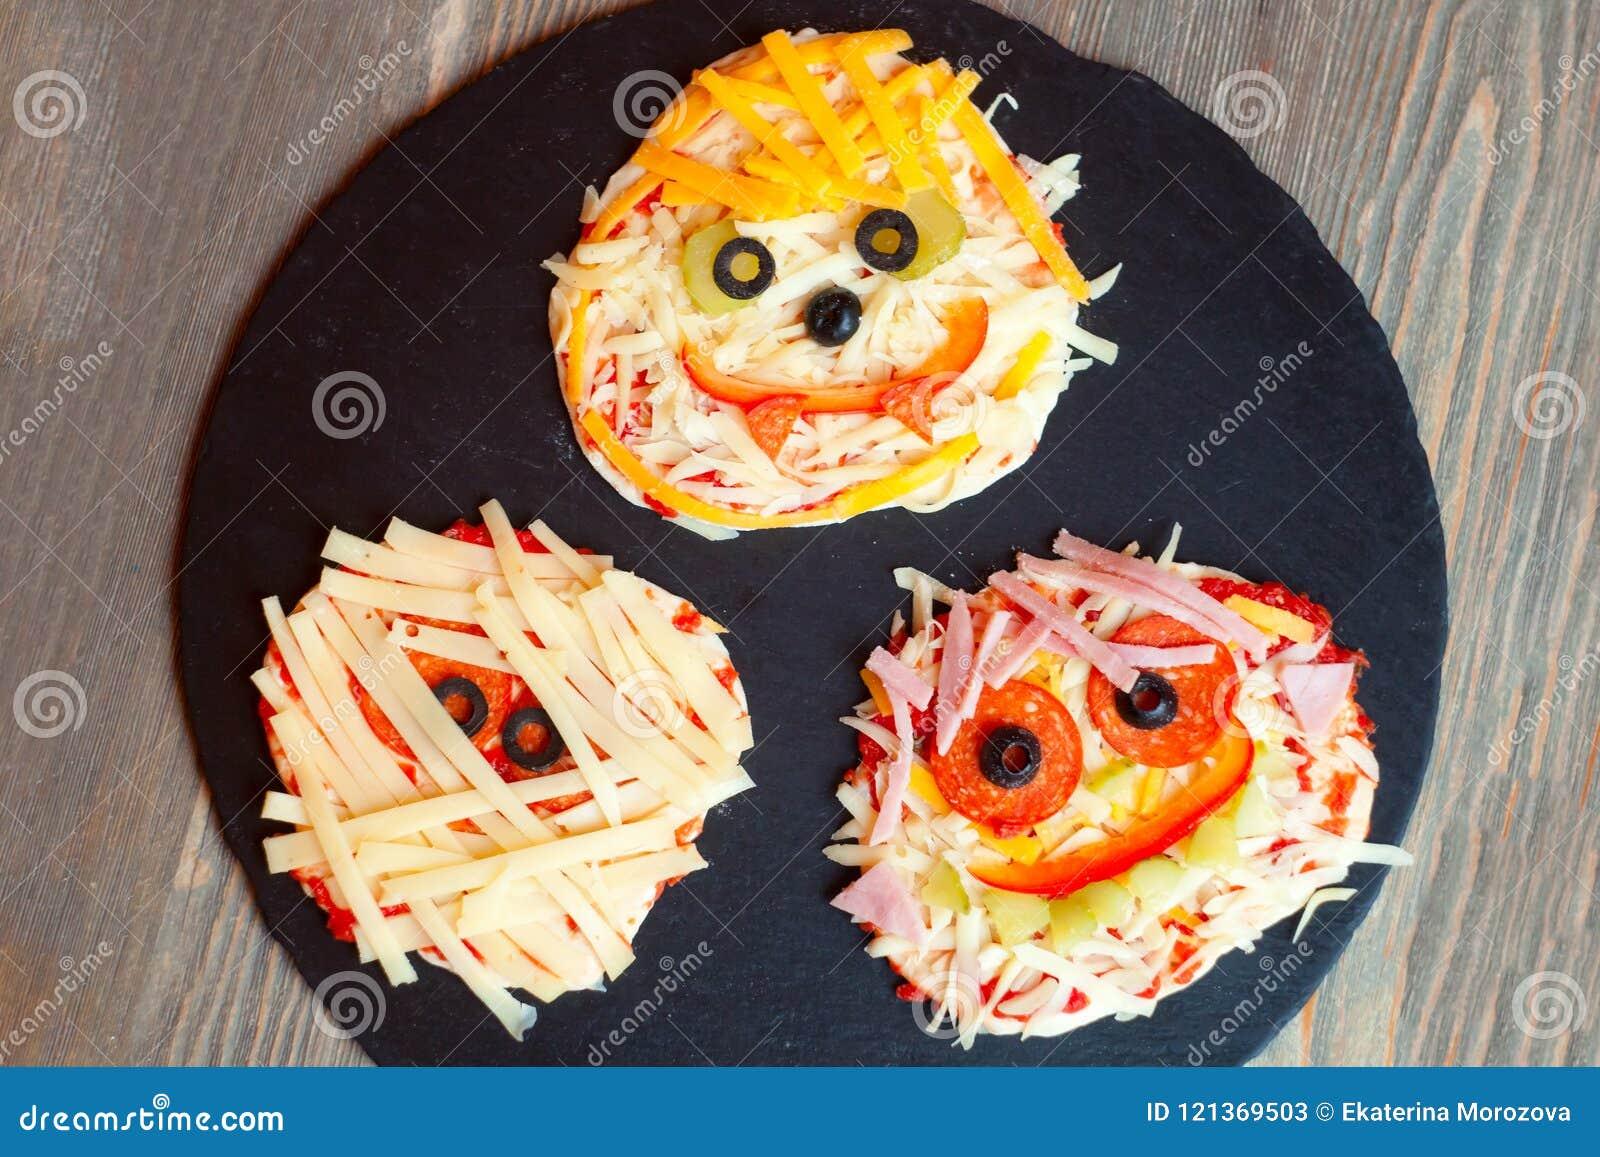 De ruwe Halloween-pizza met monsters, boven scène met decor op een zwarte plaat treft voor gebakken voorbereidingen, idee voor he